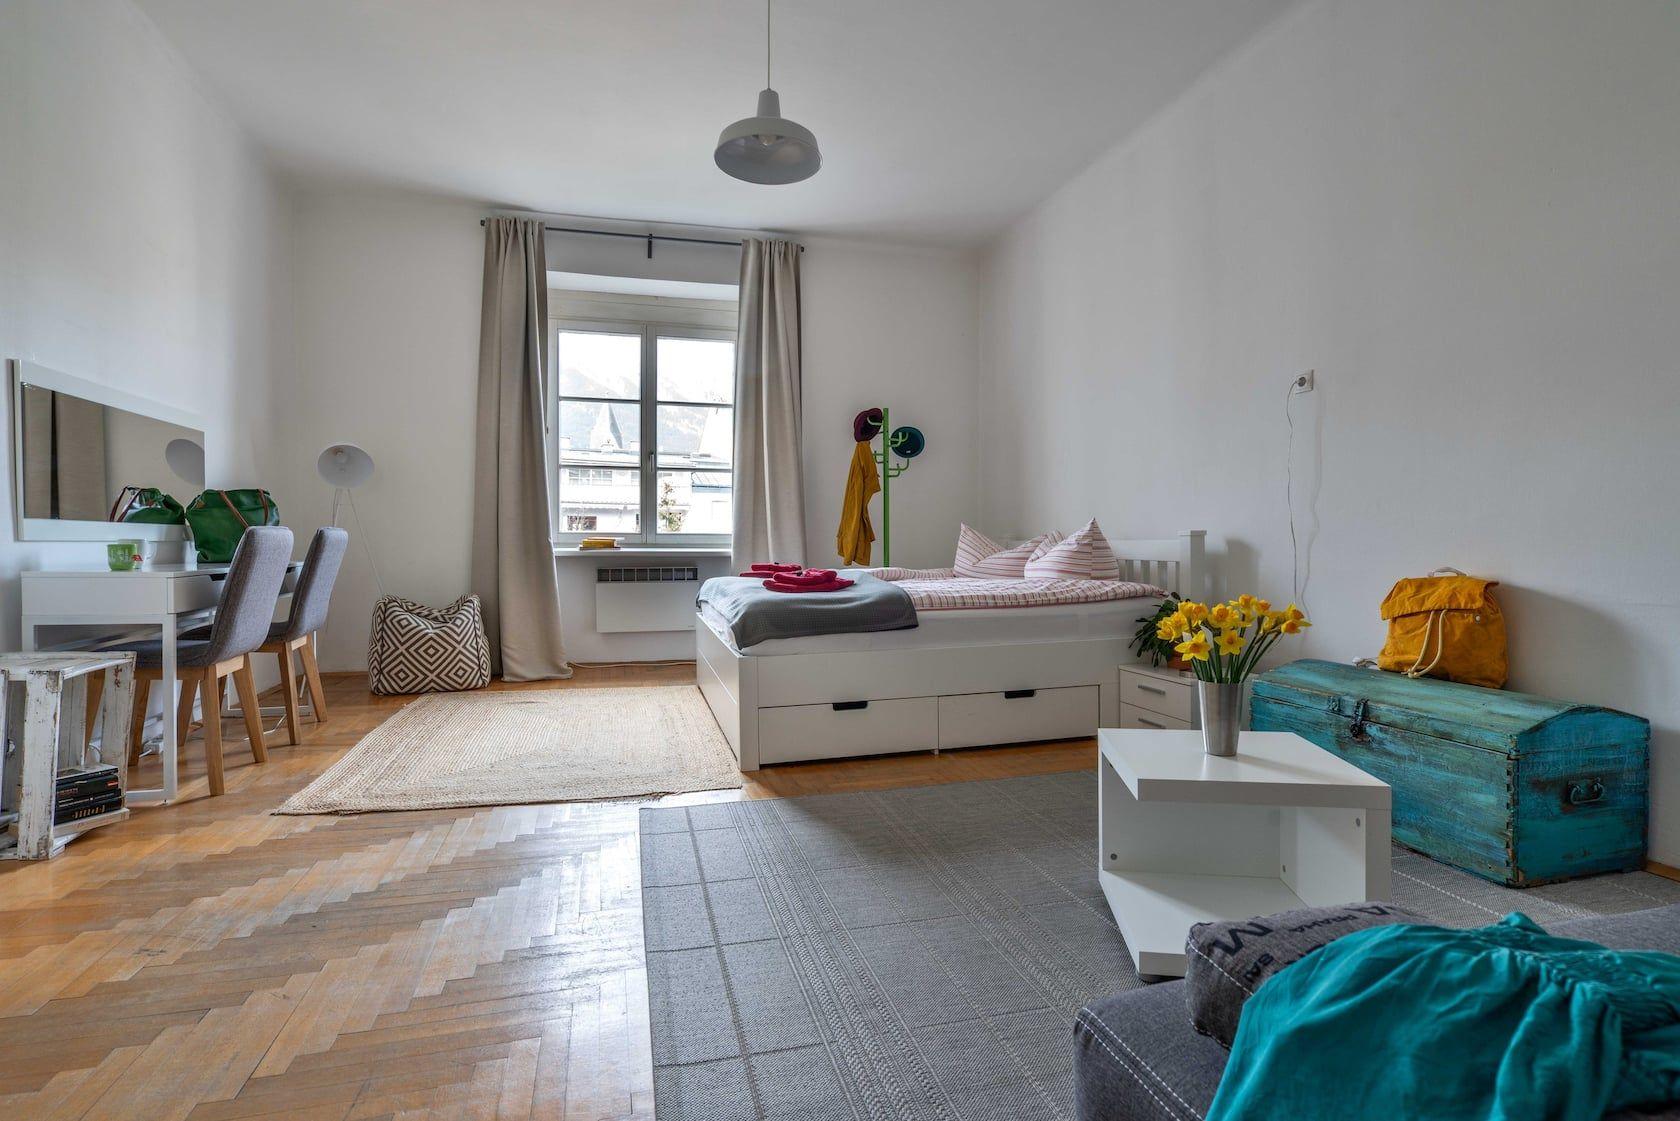 S 14 100 Sqm Fuerstenweg 2 Bedrooms Great